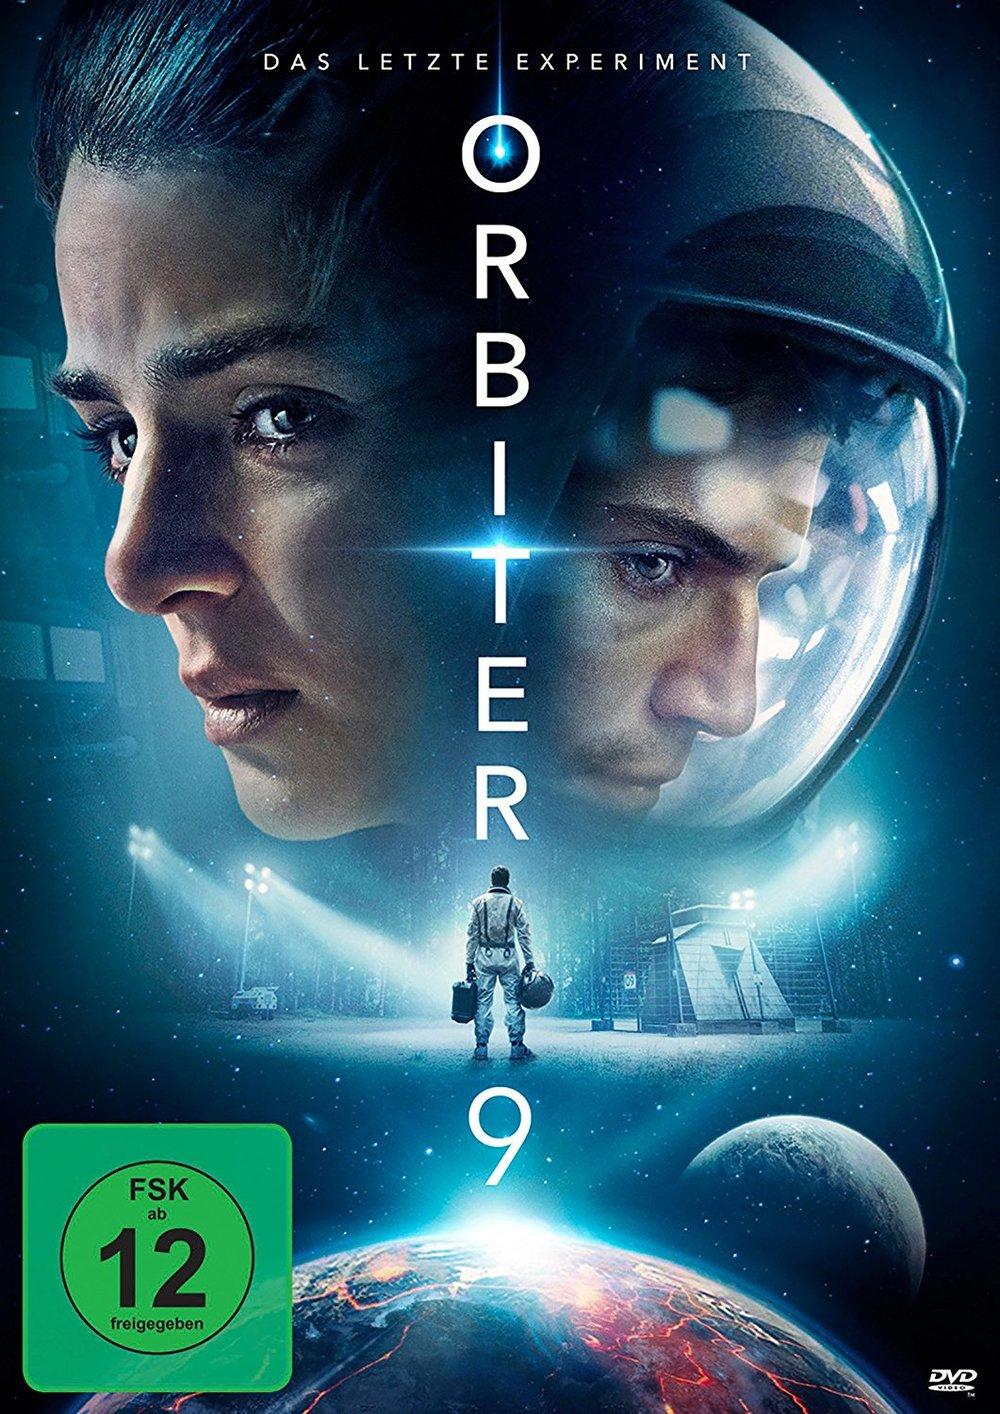 """Allein im Weltraum: Gewinnt eine DVD oder BD zum Sci-Fi-Trip """"Orbiter 9 - Das letzte Experiment"""""""